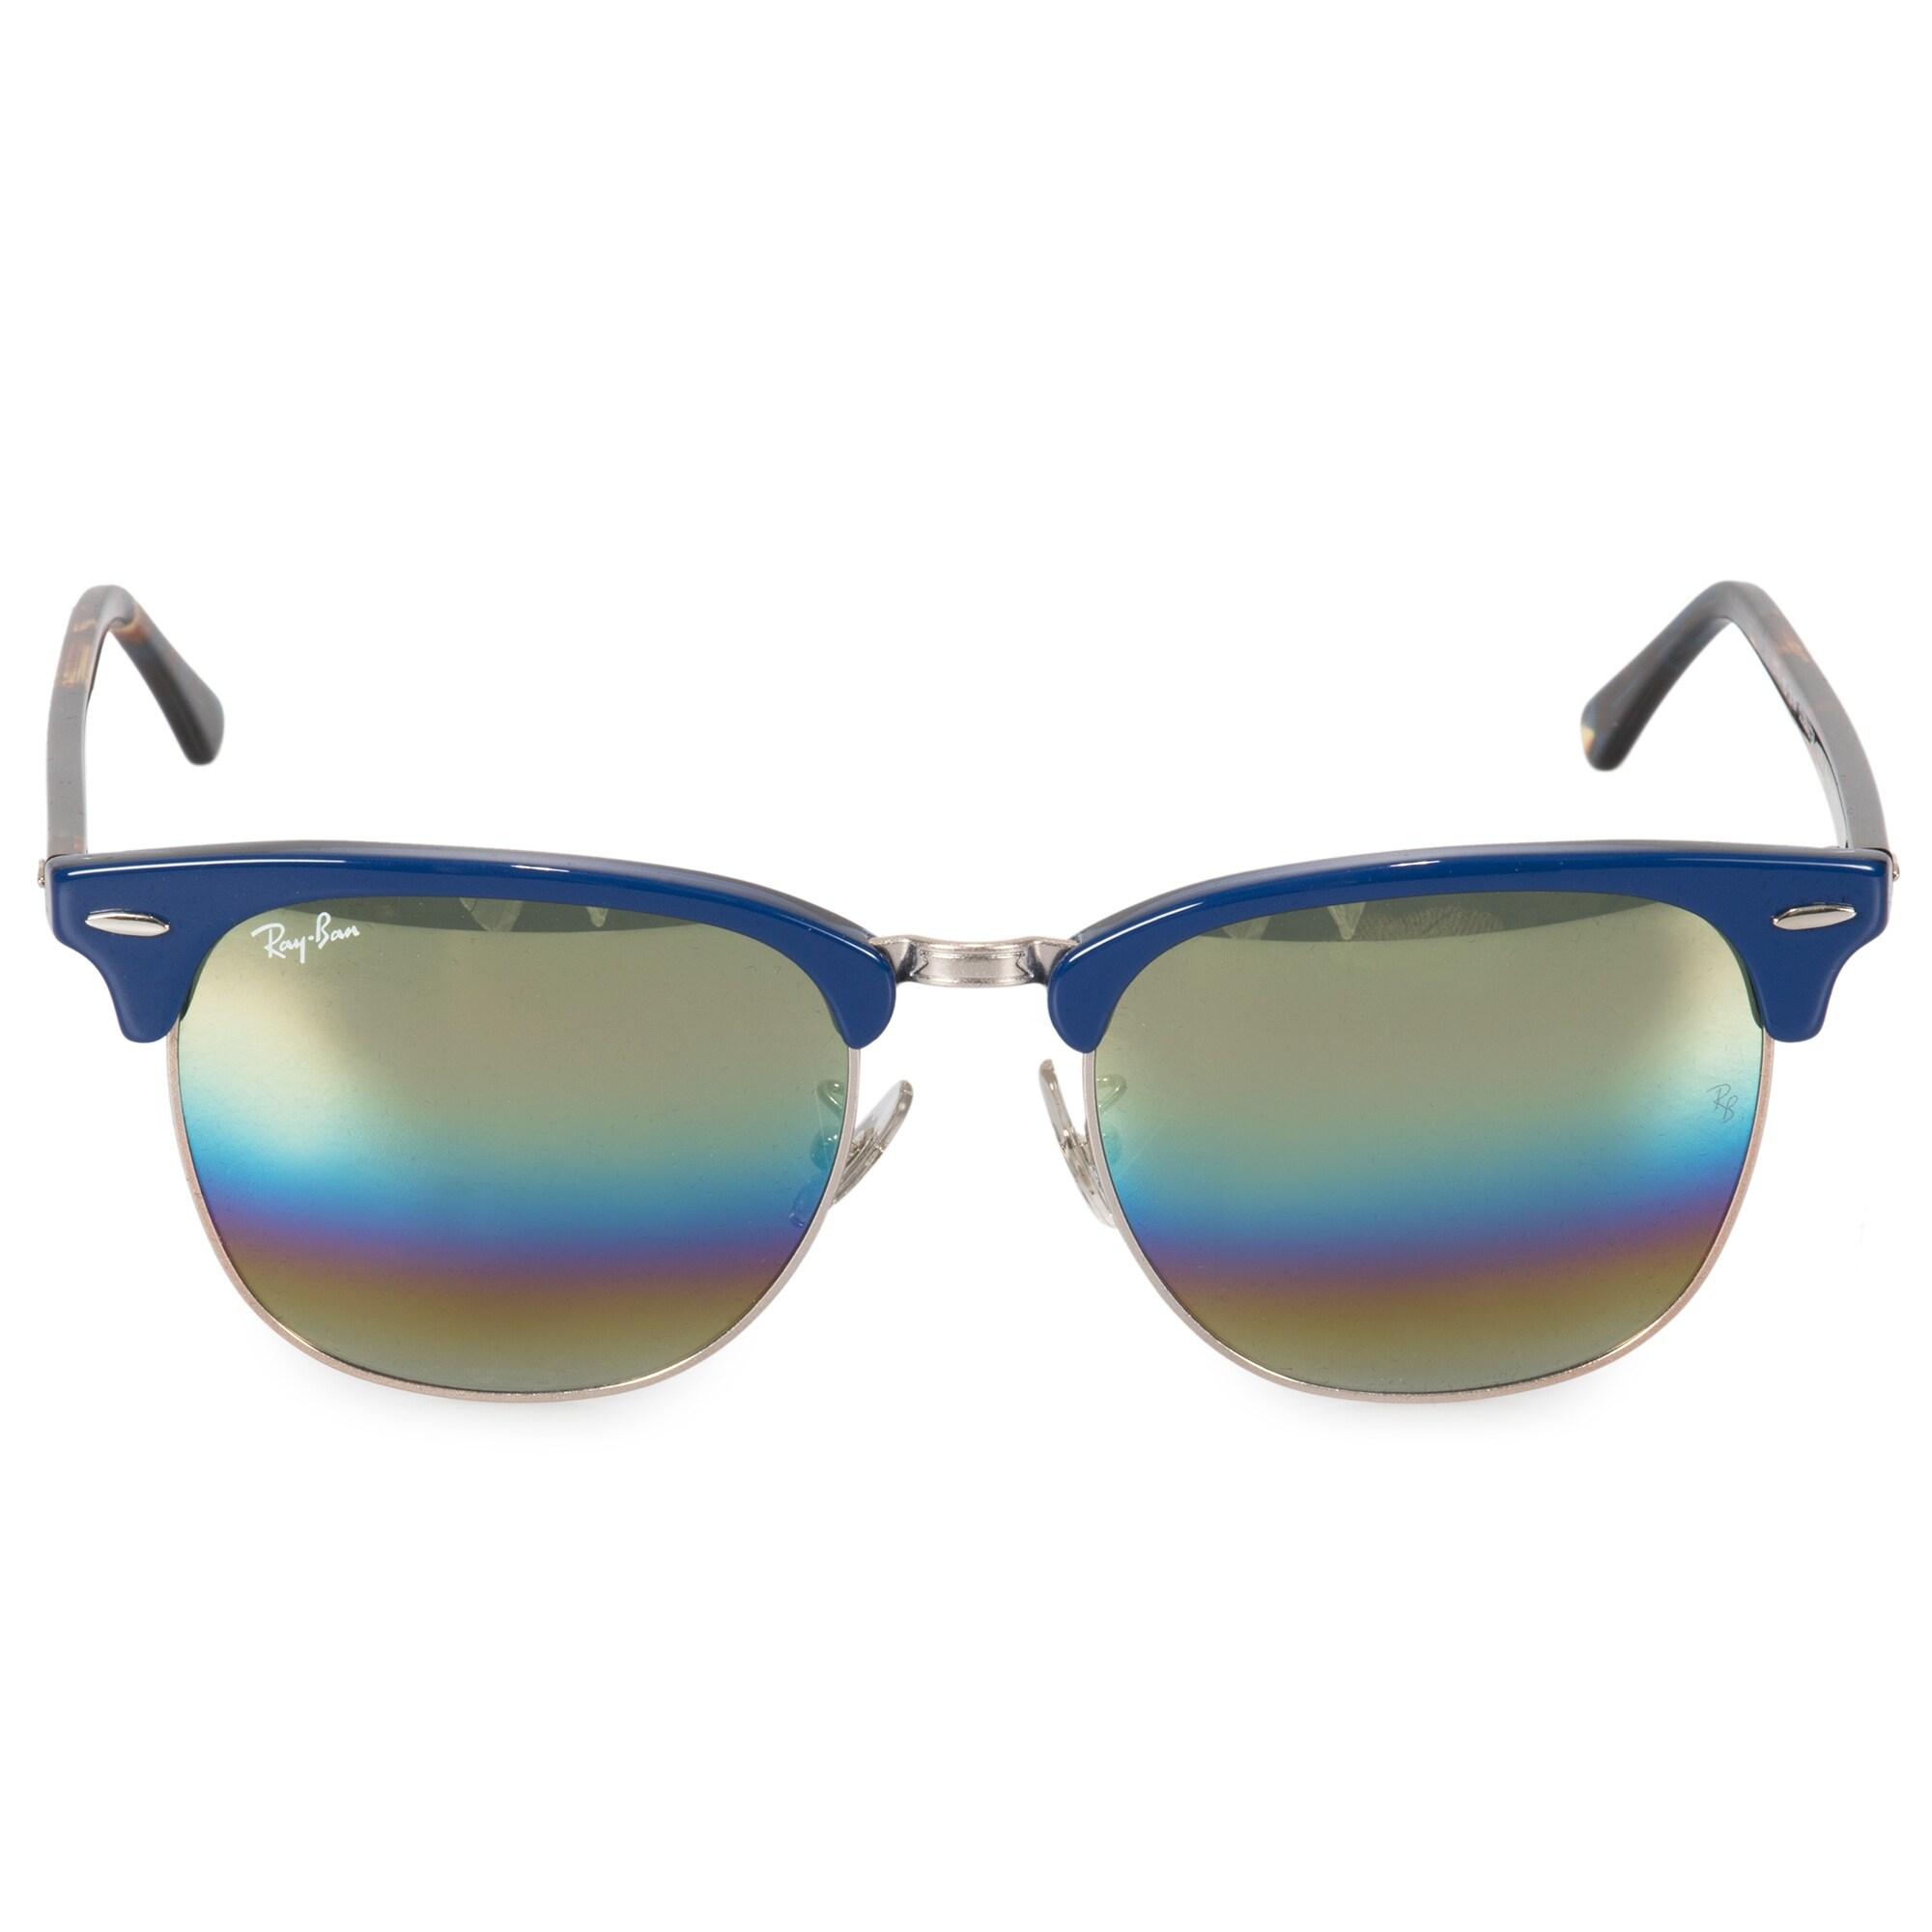 6b0439f25c Blue Ray-Ban Sunglasses